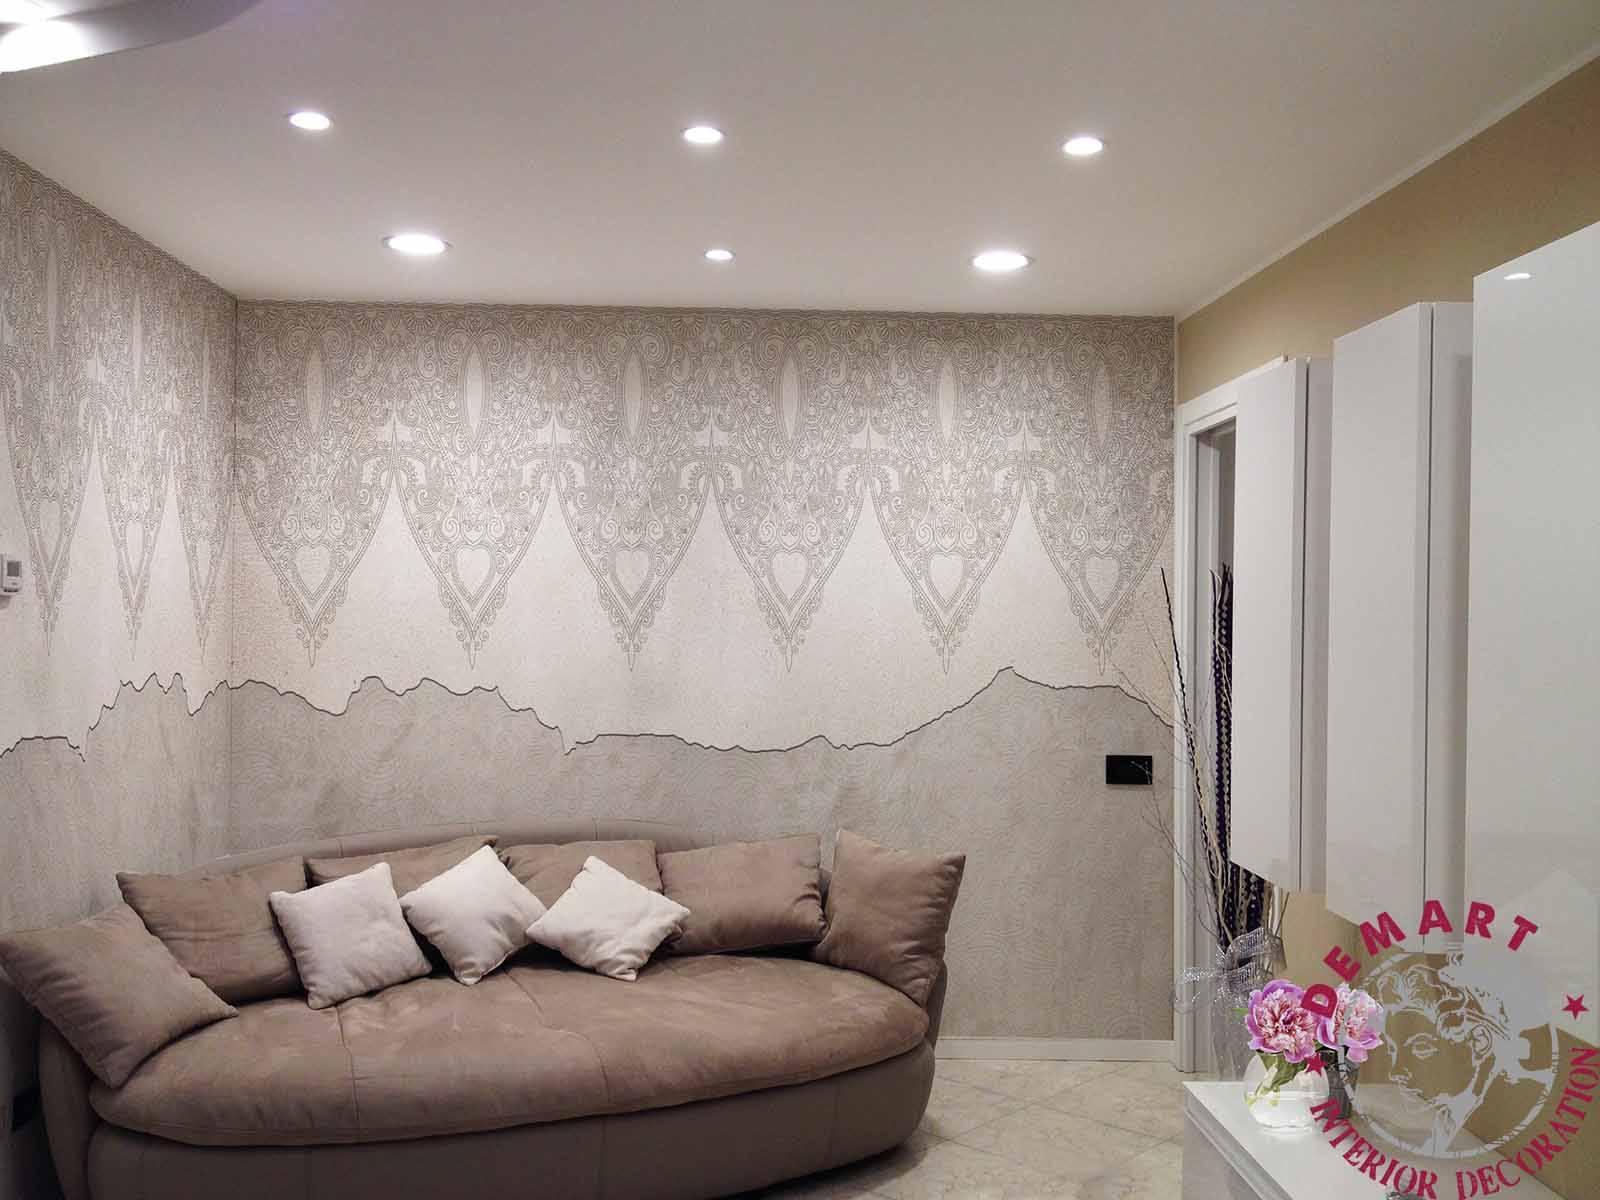 Decorazione parete affresco digitale soggiorno privato u demart